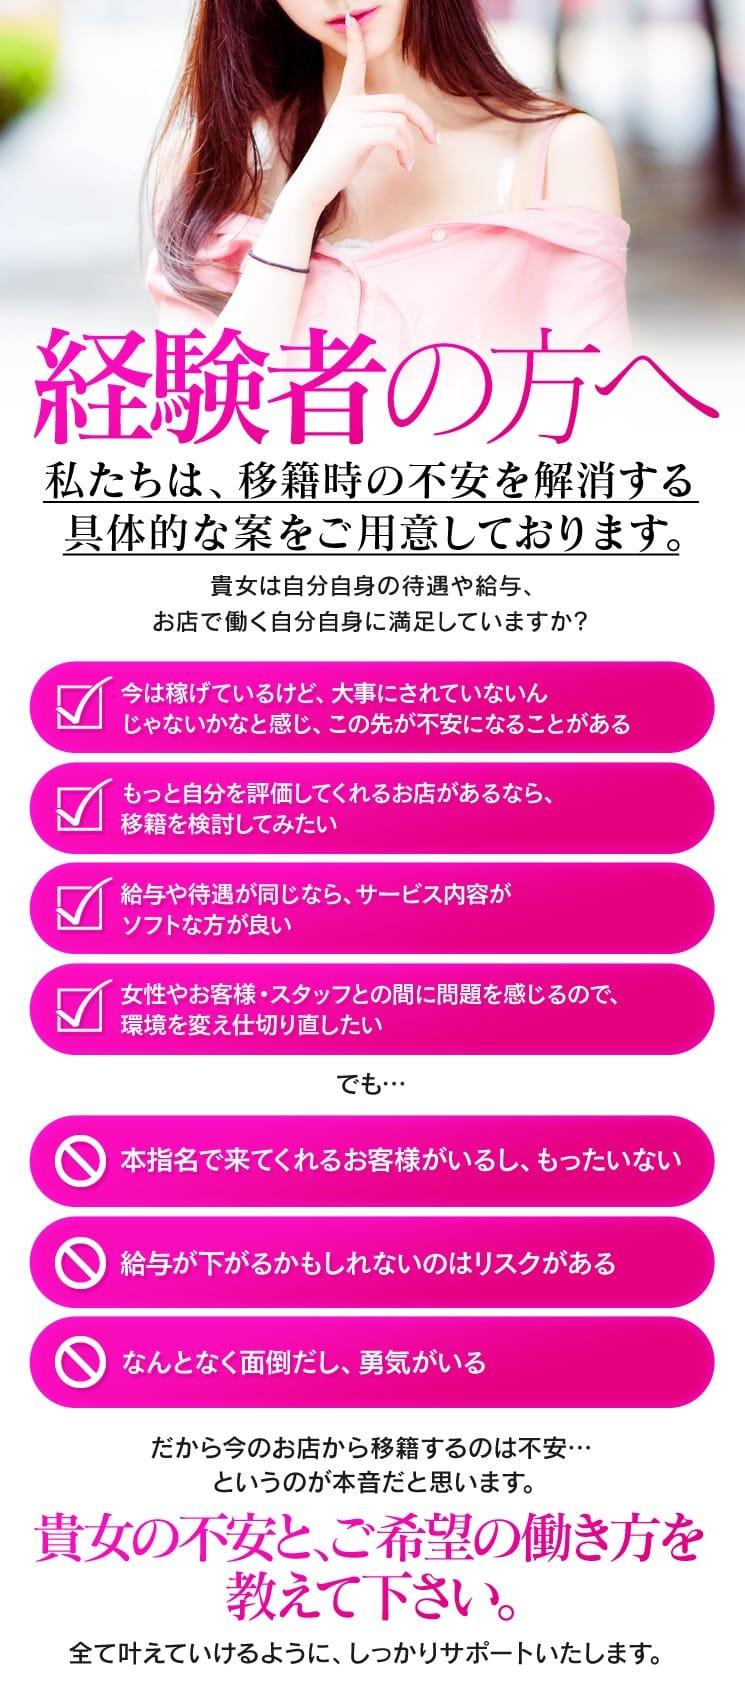 ☆経験者の方へ 密着洗感ボディエステ神戸の求人ブログ